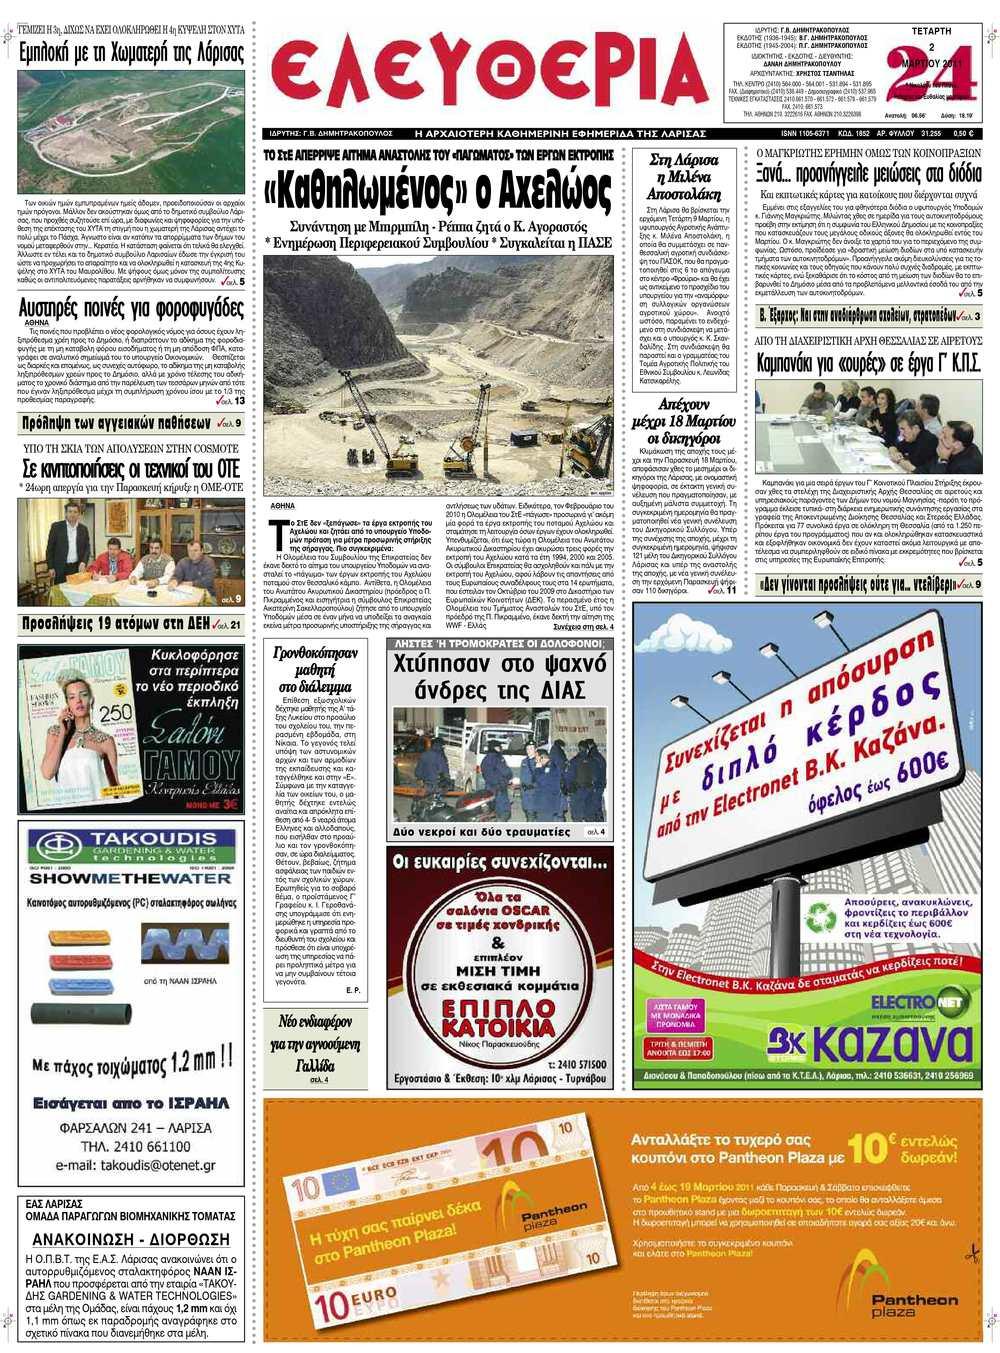 Calaméo - Eleftheria.gr 2 3 2011 c350de9dcf9